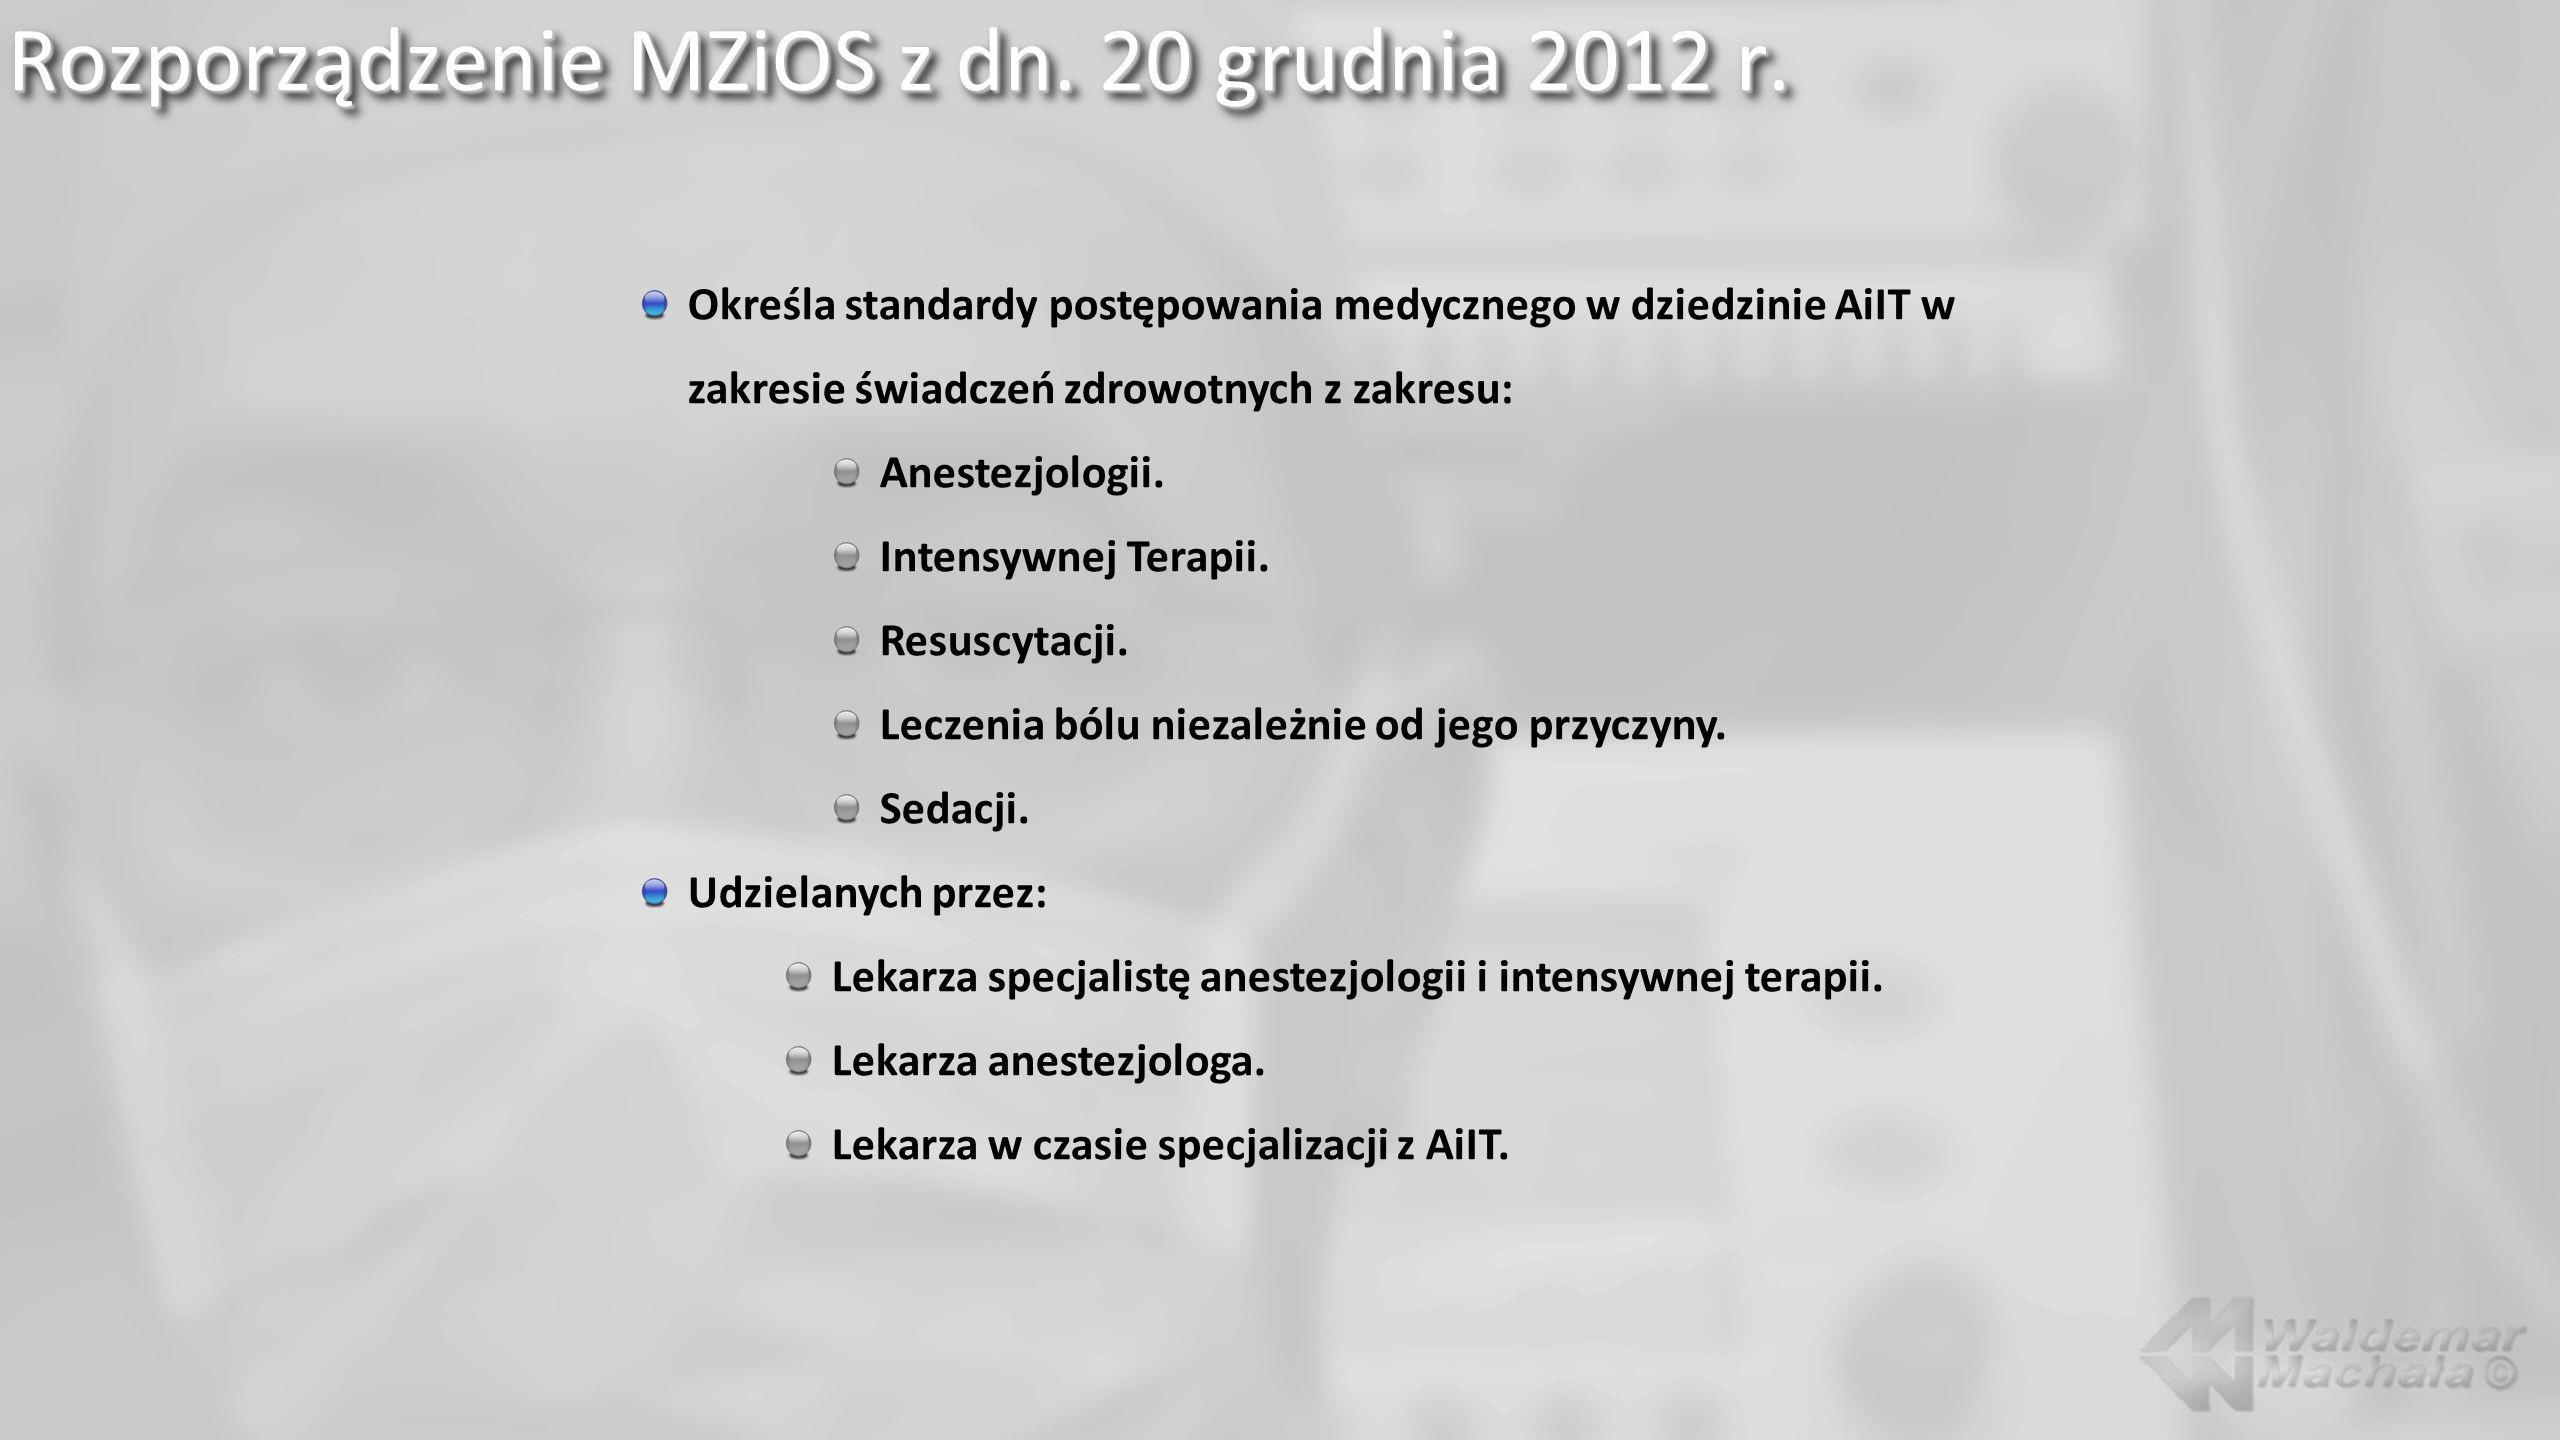 Rozporządzenie MZiOS z dn. 20 grudnia 2012 r.